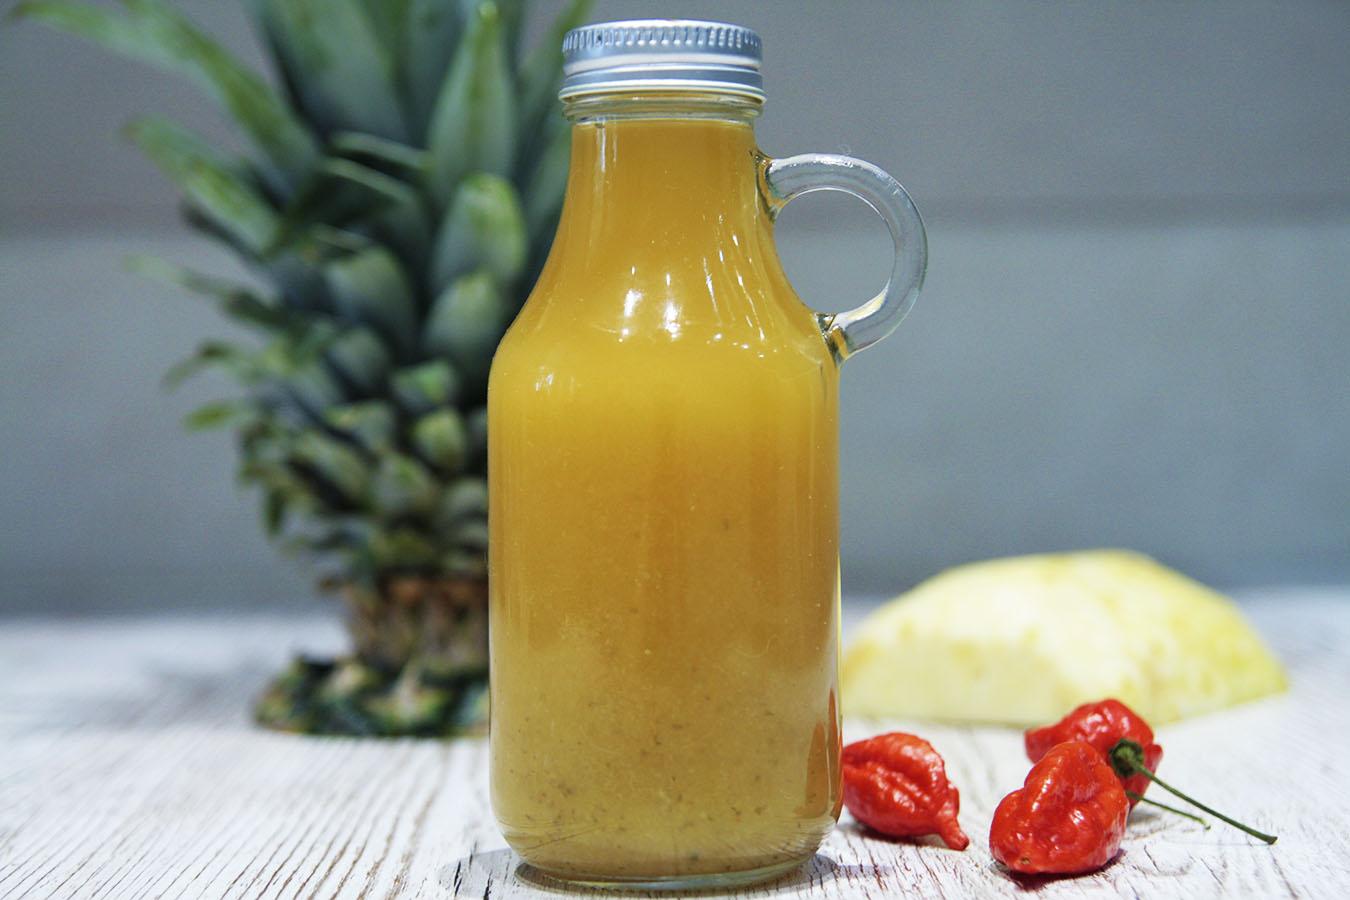 https://www.stonerchef.pl/wp-content/uploads/2017/09/gotowy-ananasowy-sos-habanero-w-butelce.jpg